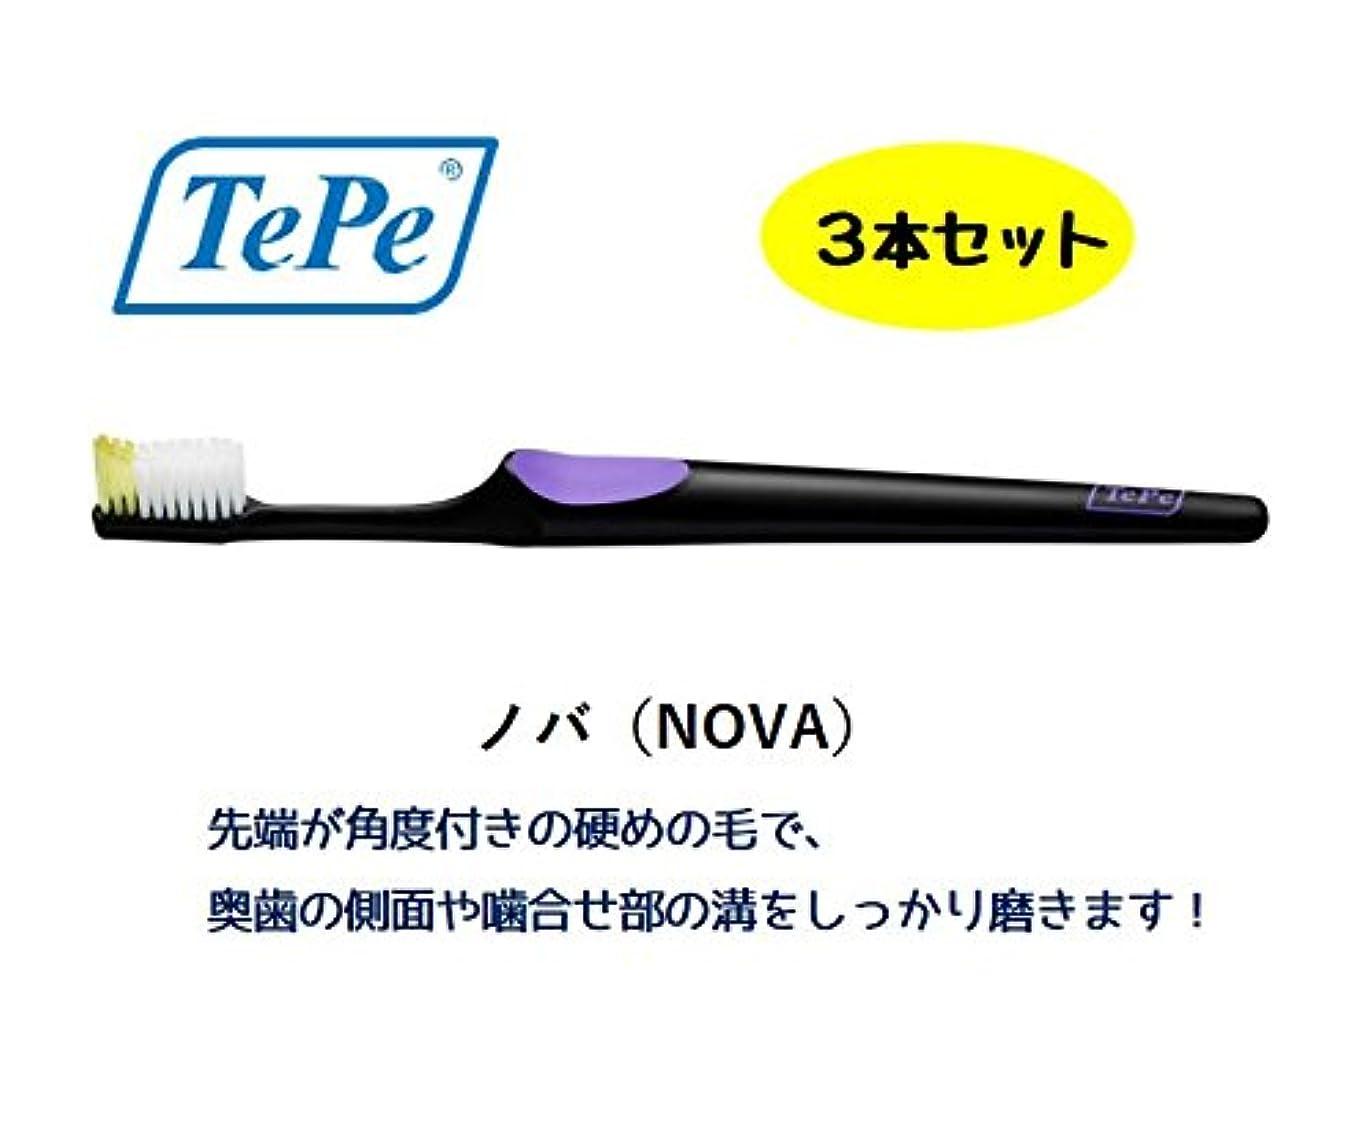 一口永遠のビバテペ ノバ ブリスター 3本 TePe NOVA (やわらかめ)